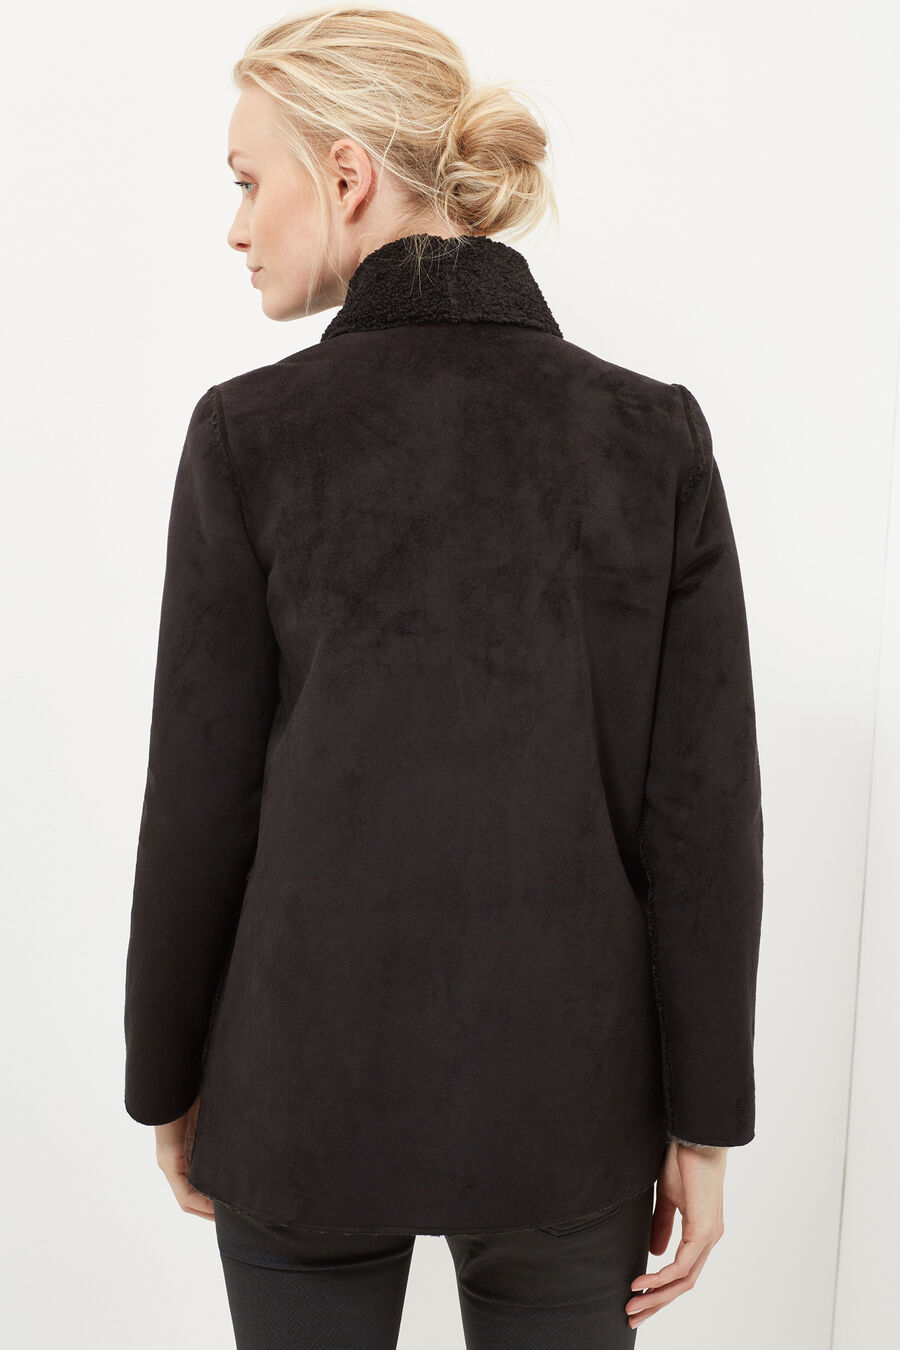 Double-sided jacket